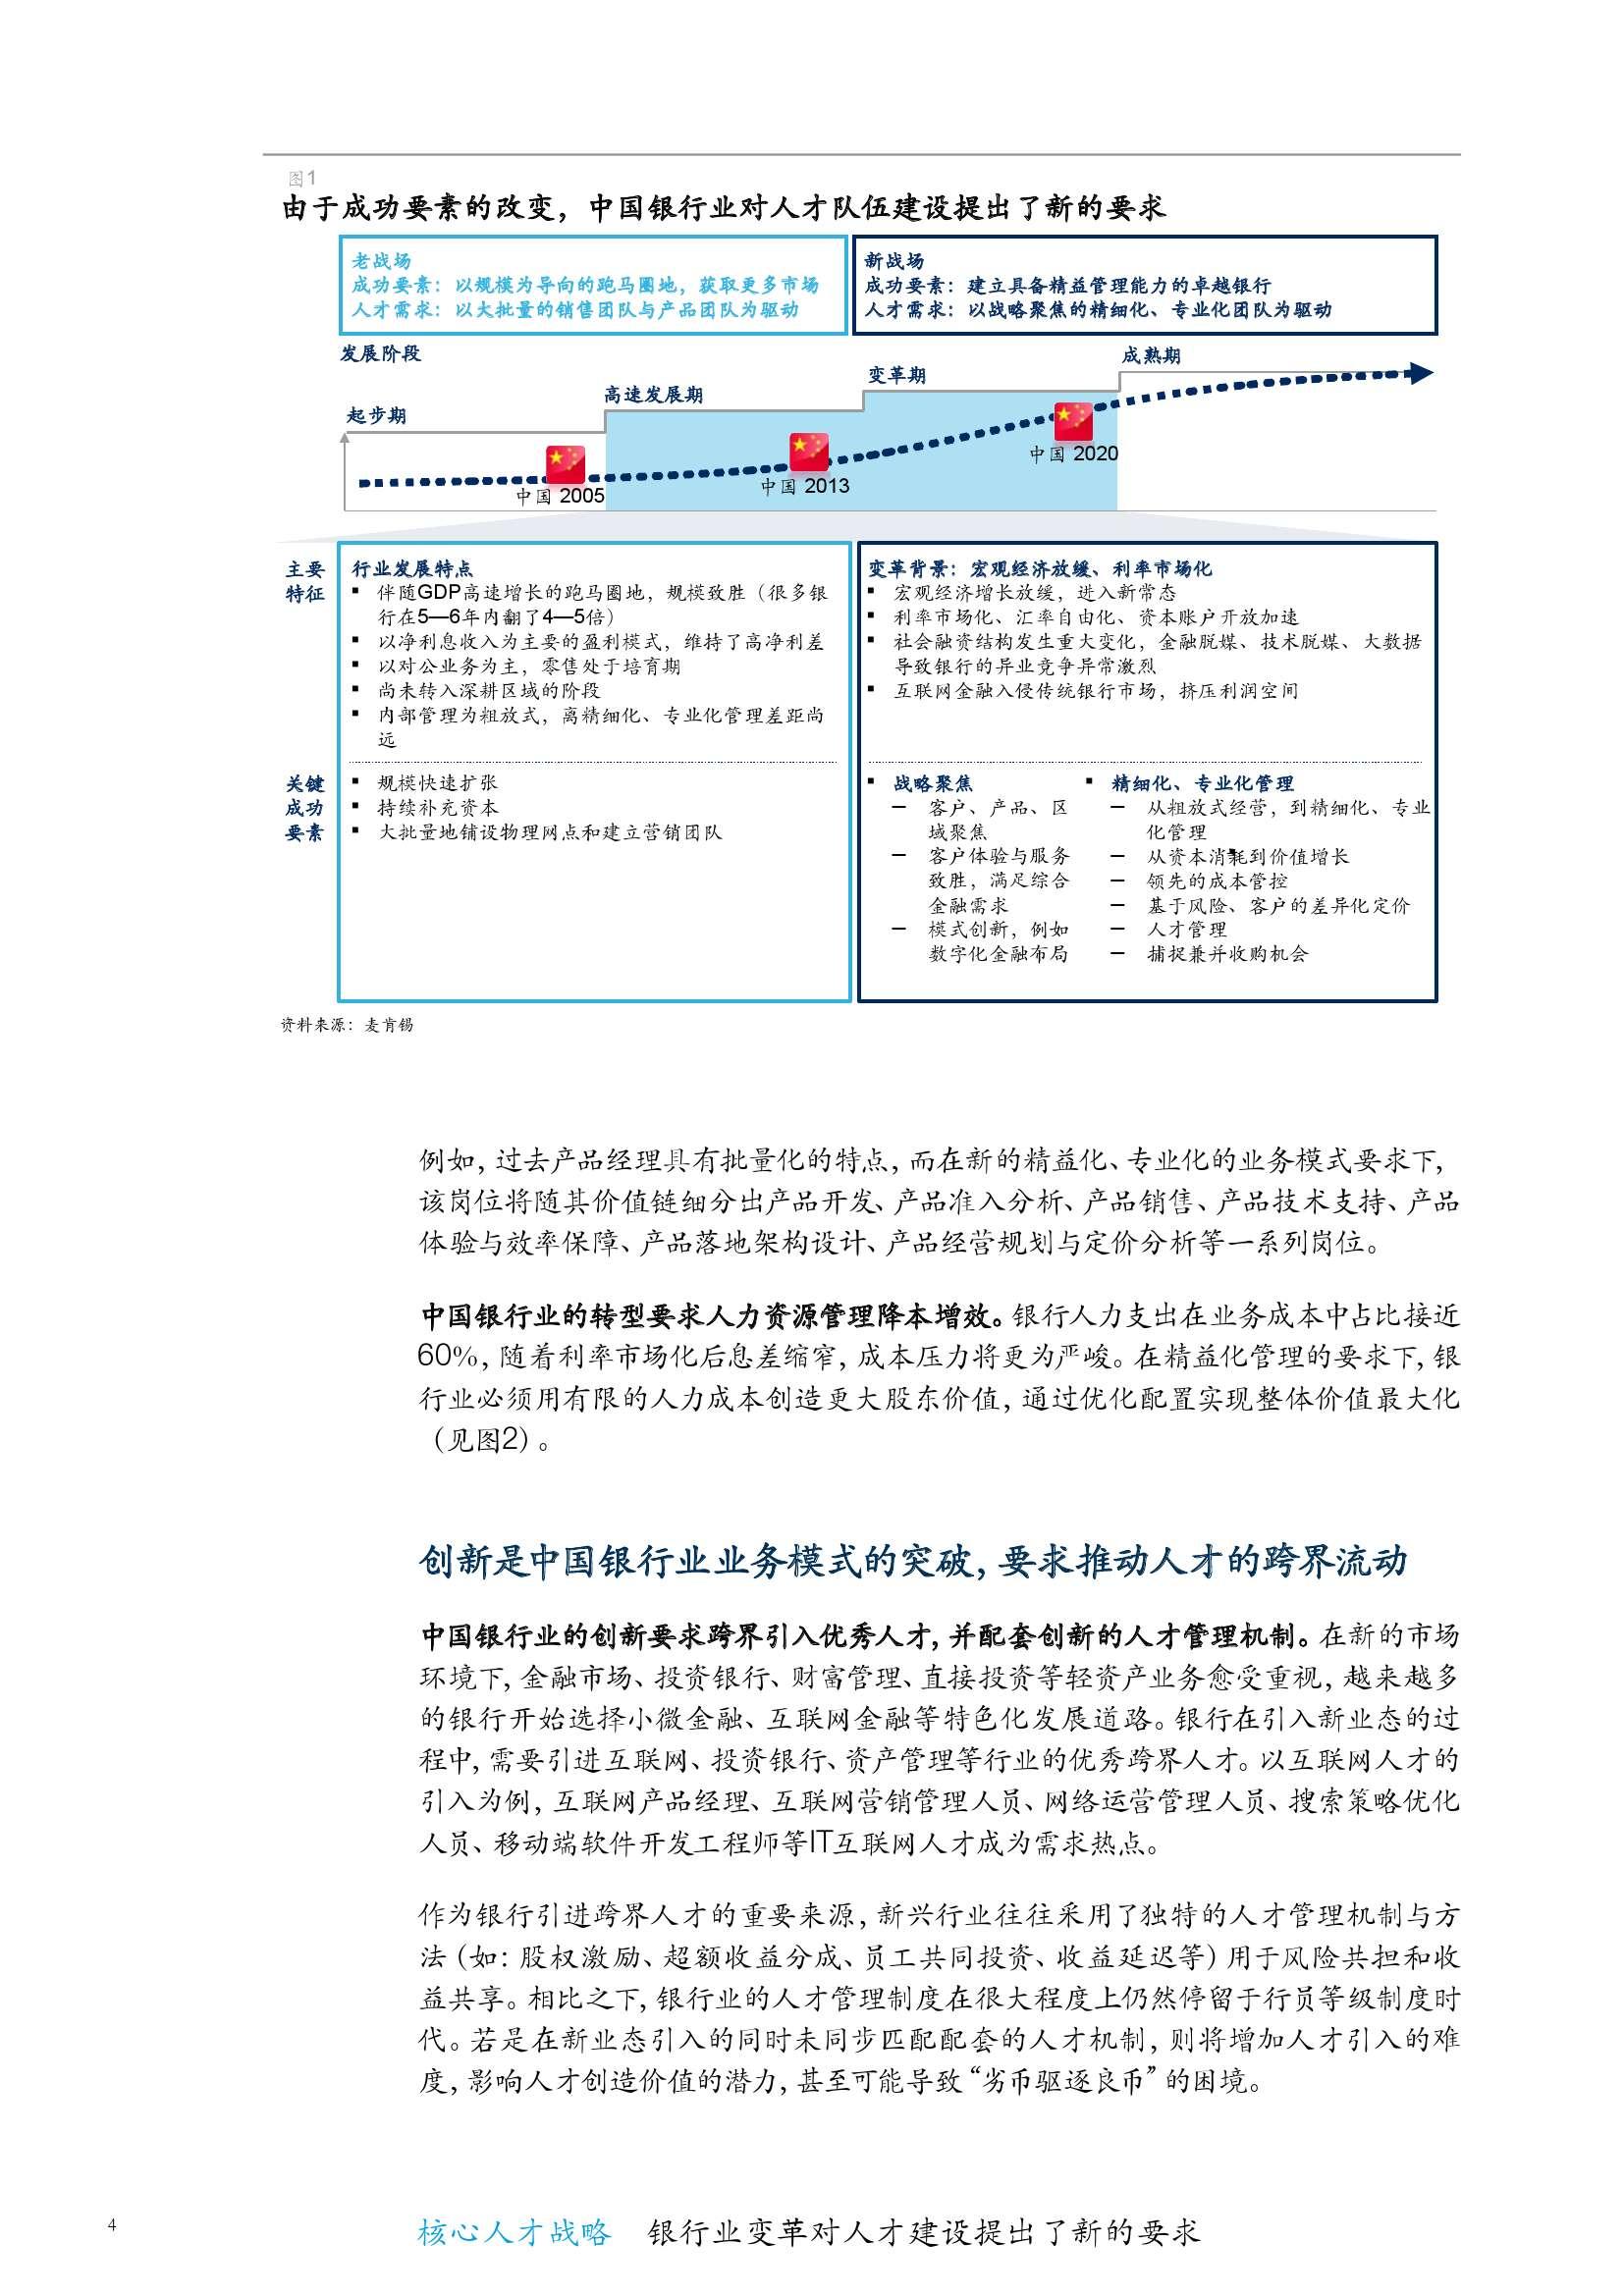 中国银行行业白皮书--核心人才战略4_000010